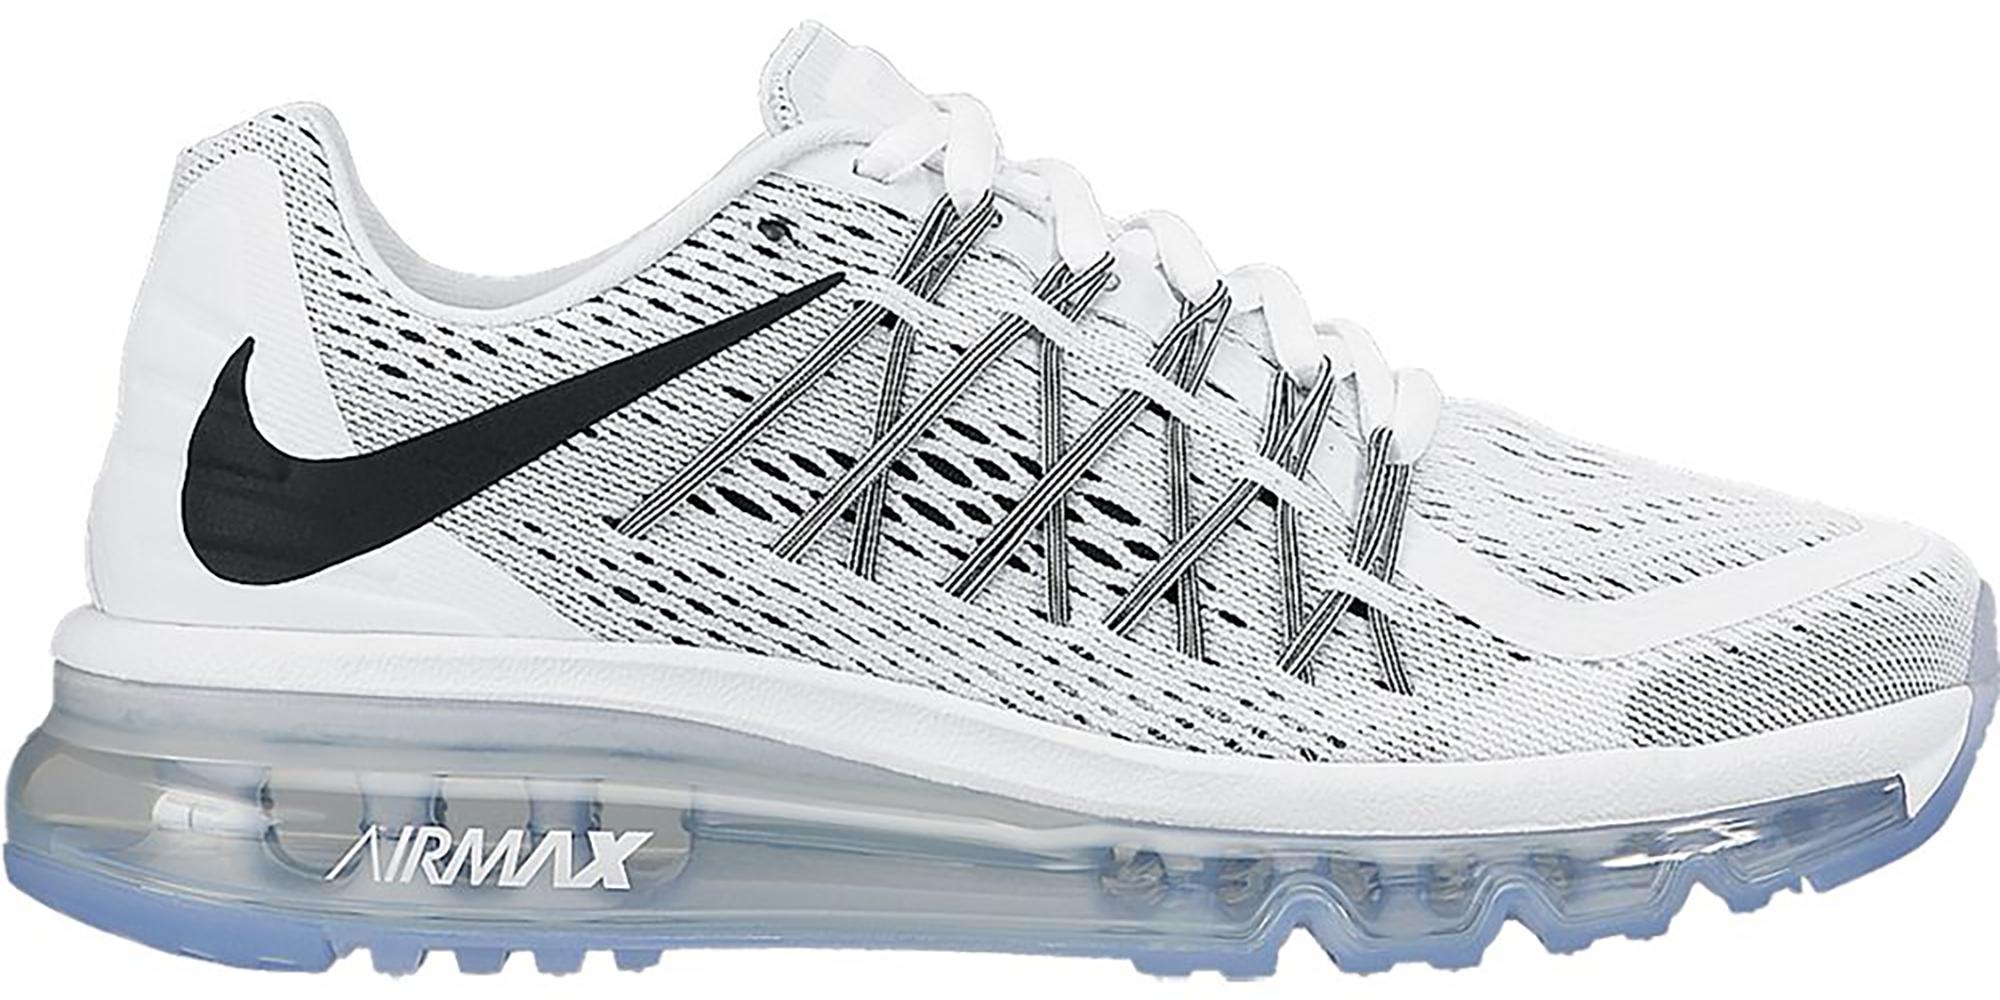 Nike Air Max 2015 White Black (GS